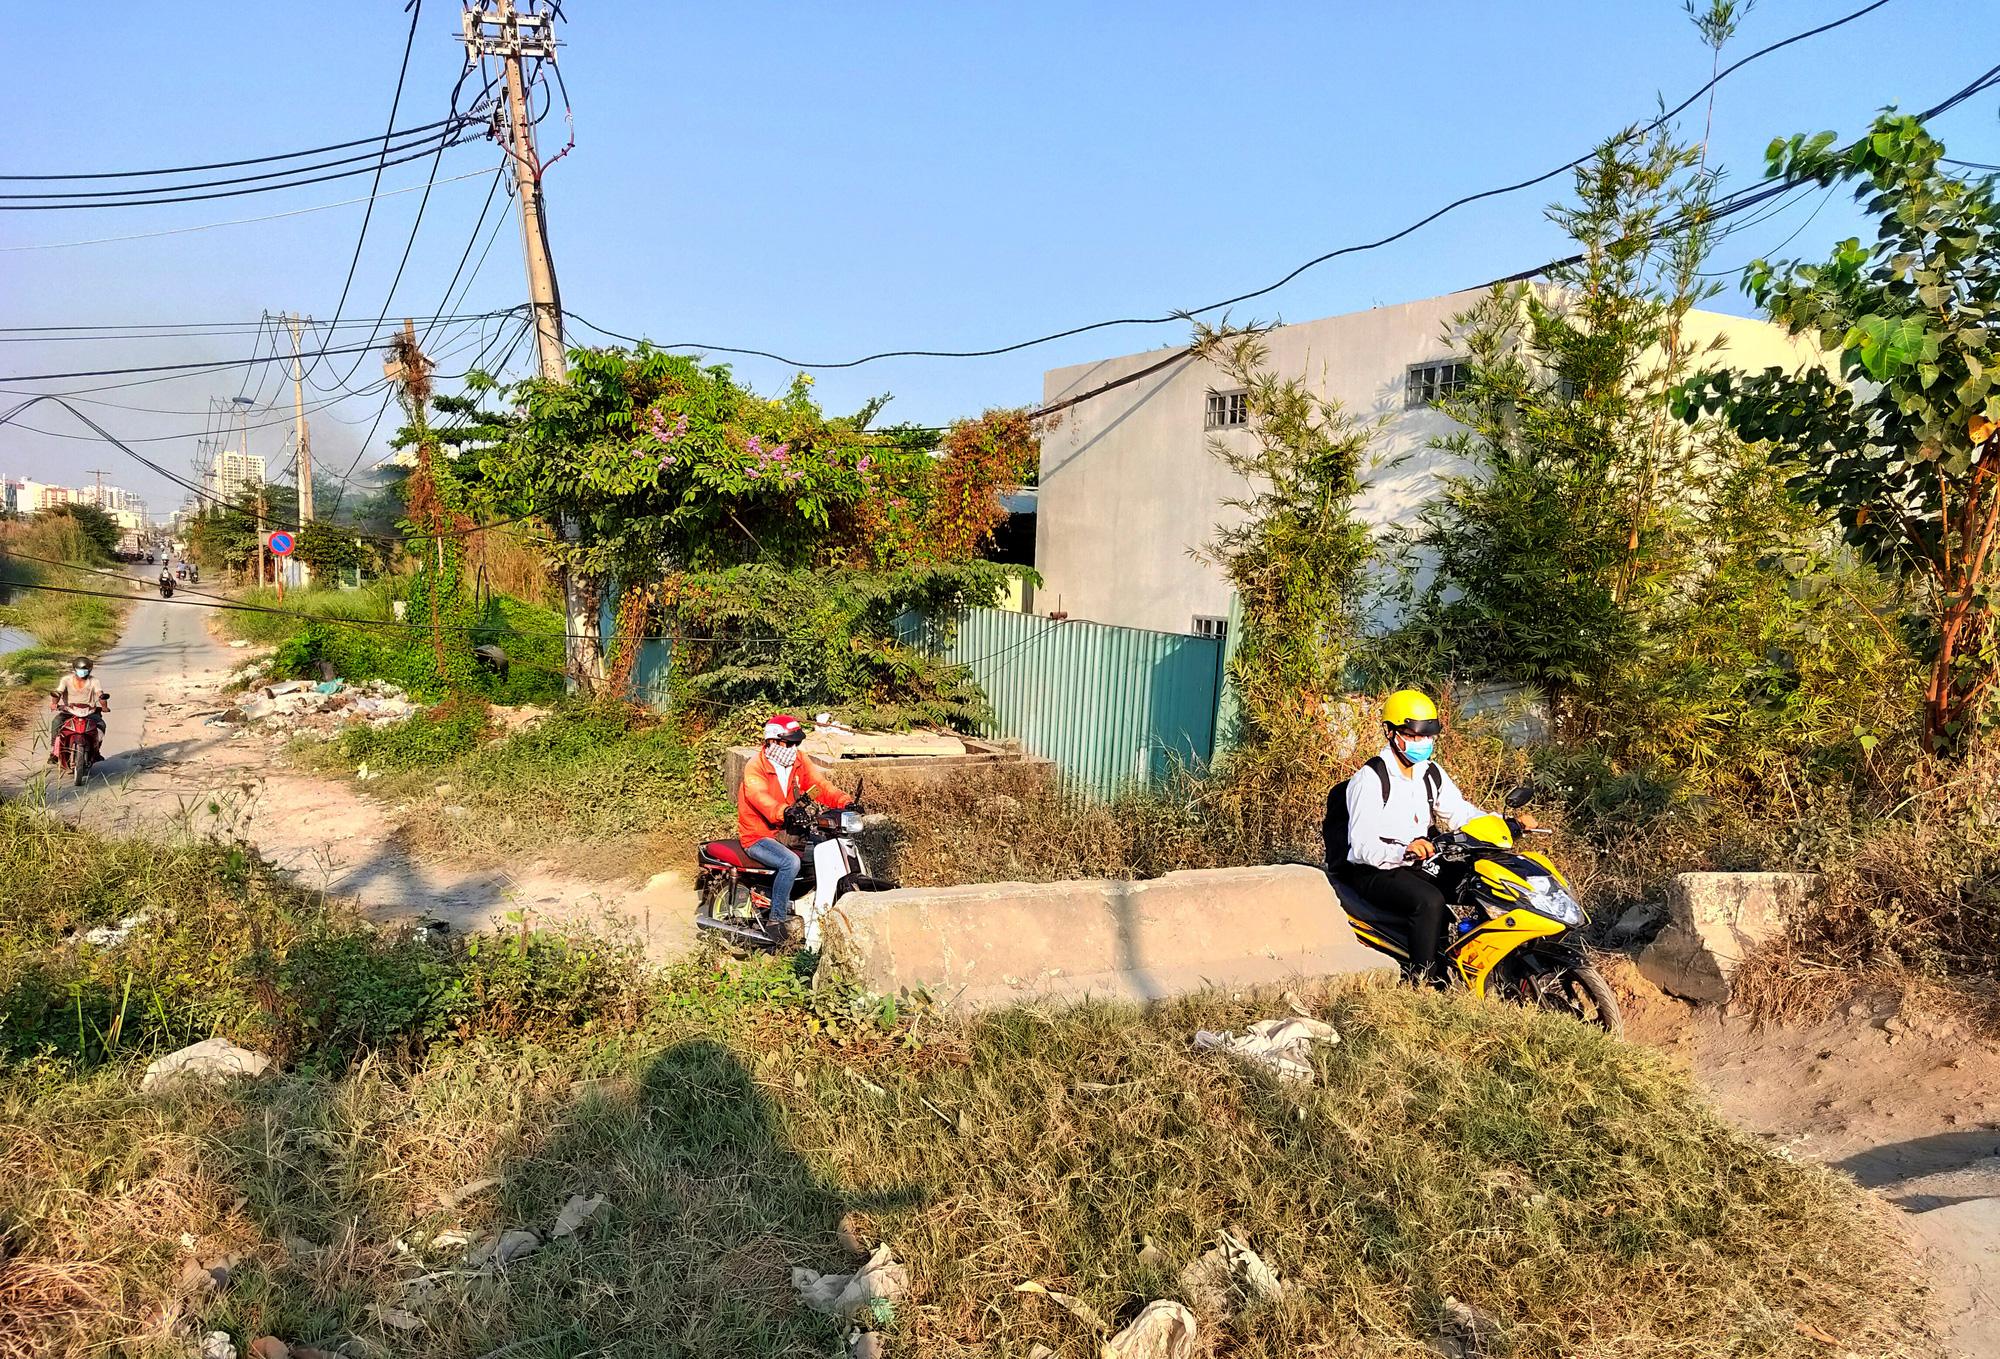 Toàn cảnh dự án Khu dân cư phía Bắc ở Thủ Thiêm của CII vừa được TP HCM cho tiếp tục triển khai - Ảnh 14.